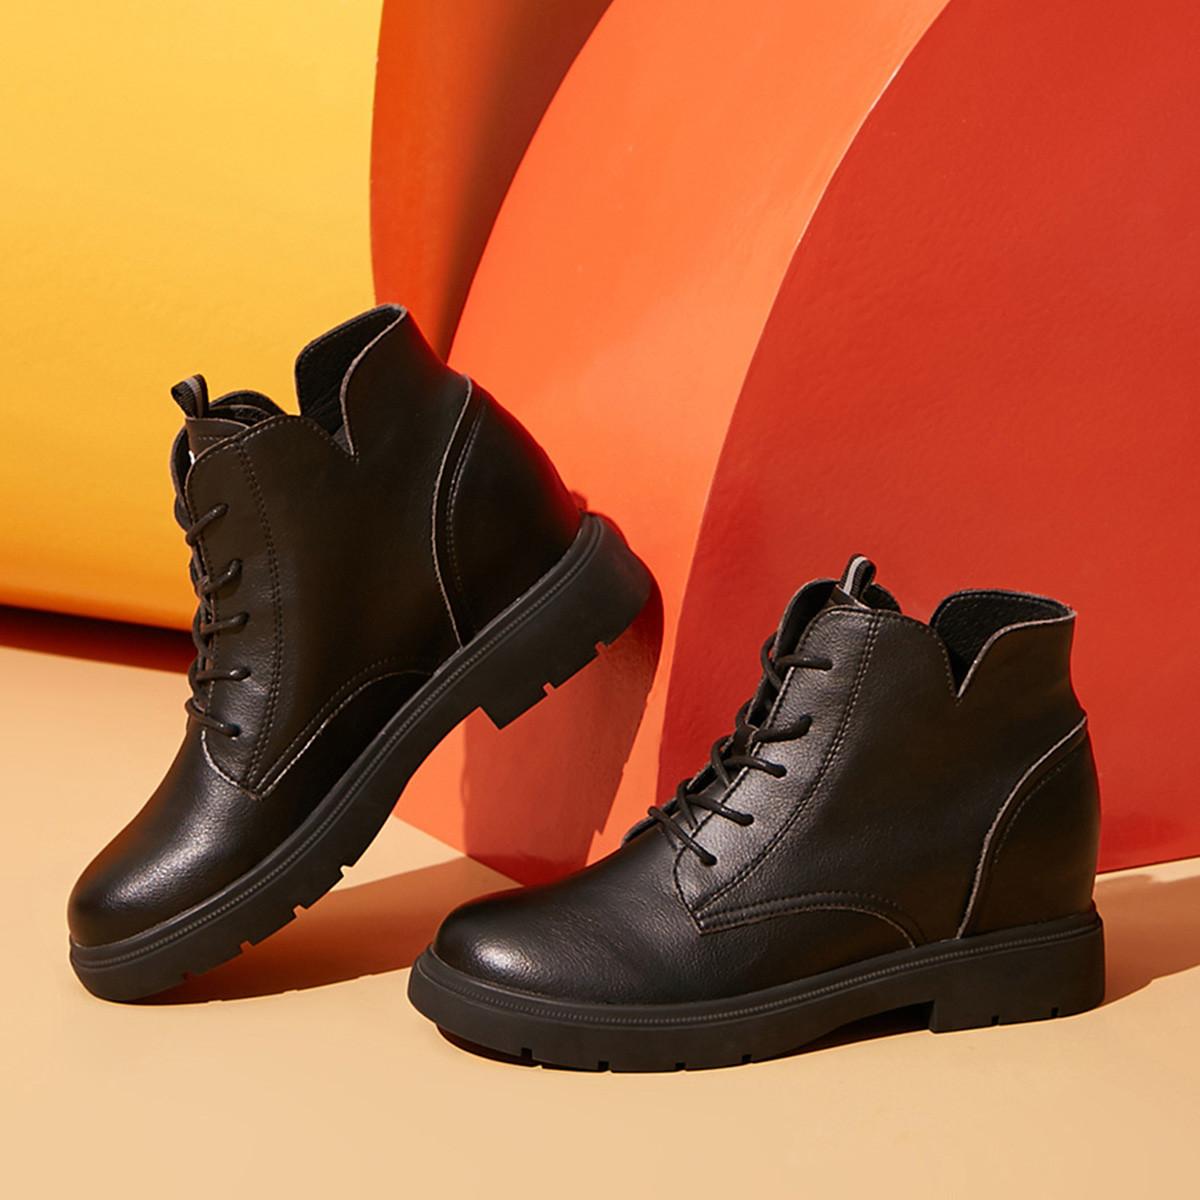 卓诗尼日常休闲2019秋冬新款女靴中筒保暖百搭欧美系带粗跟时装靴女11691645301